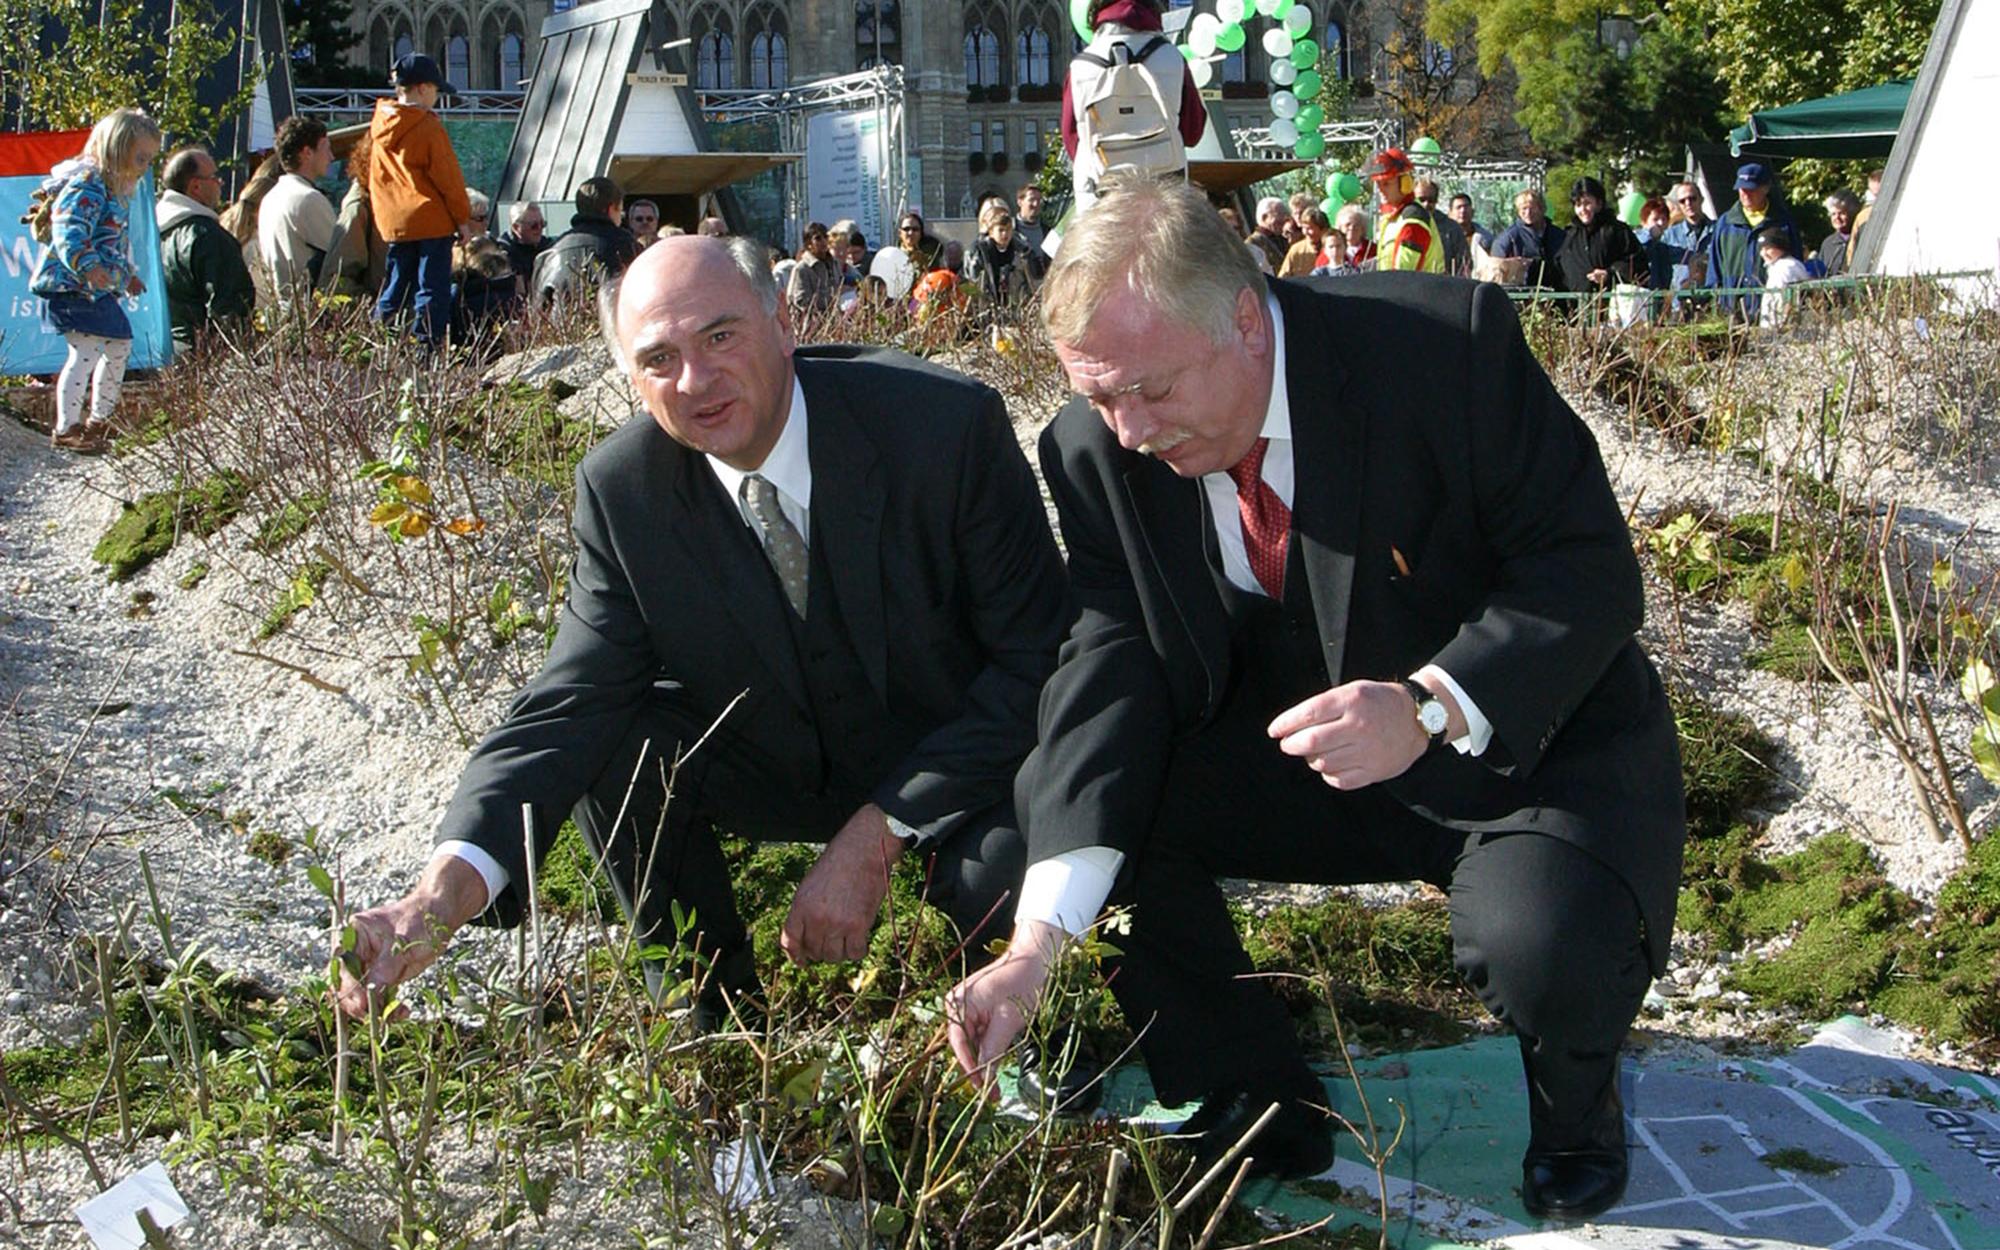 Bürgermeister Häupl und Landeshauptmann Pröll anlässlich einer Festveranstaltung